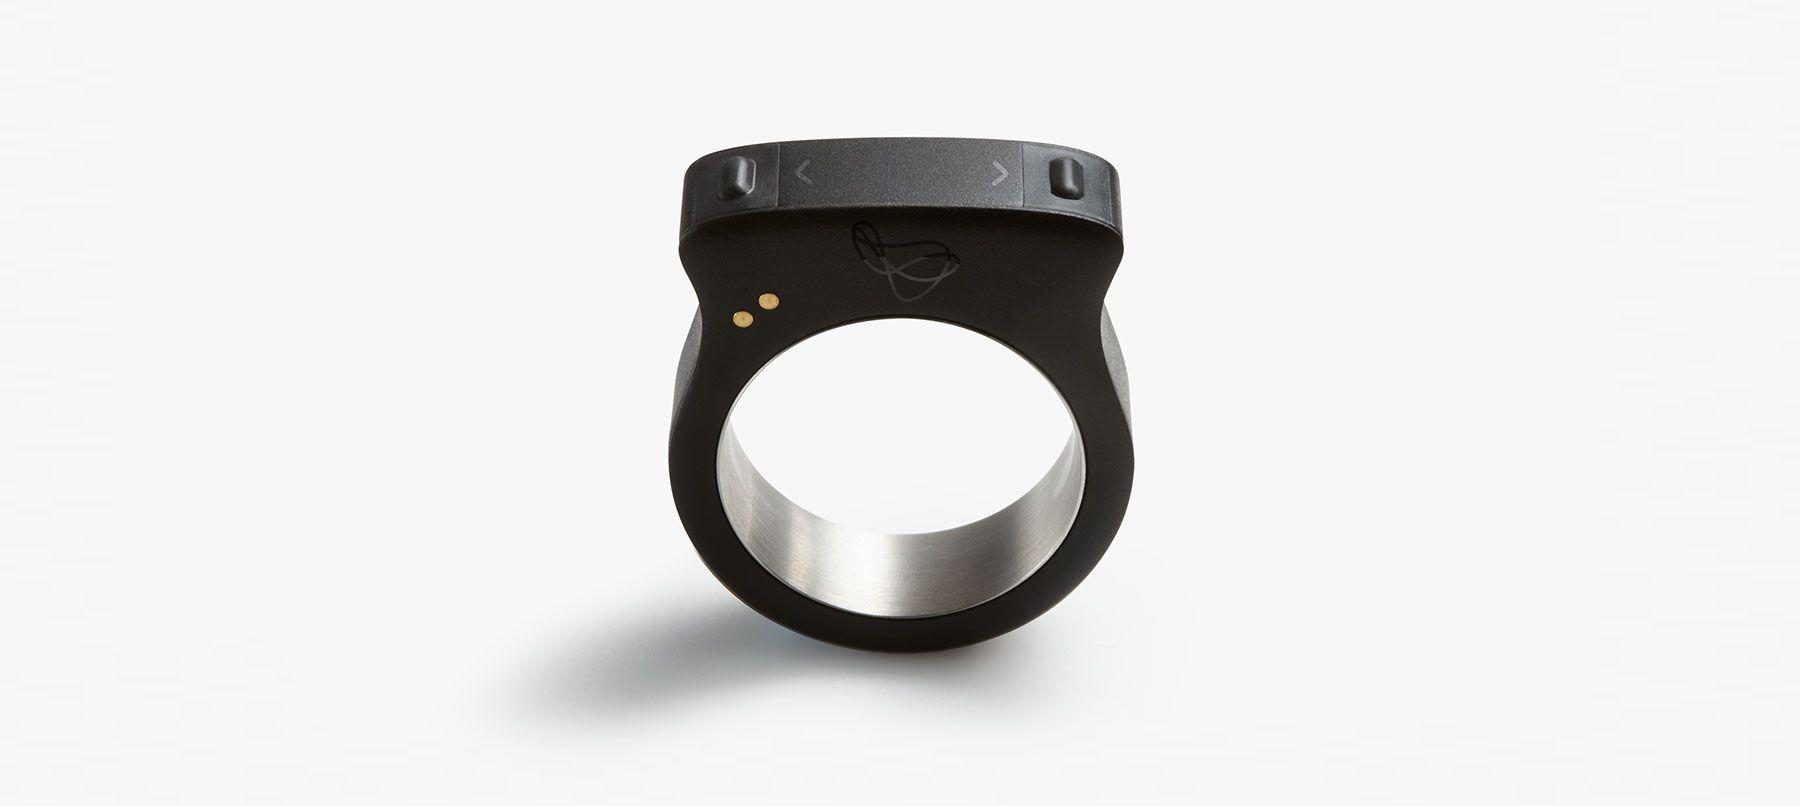 Slik ser Nod-ringen ut.Foto: hellonod.com